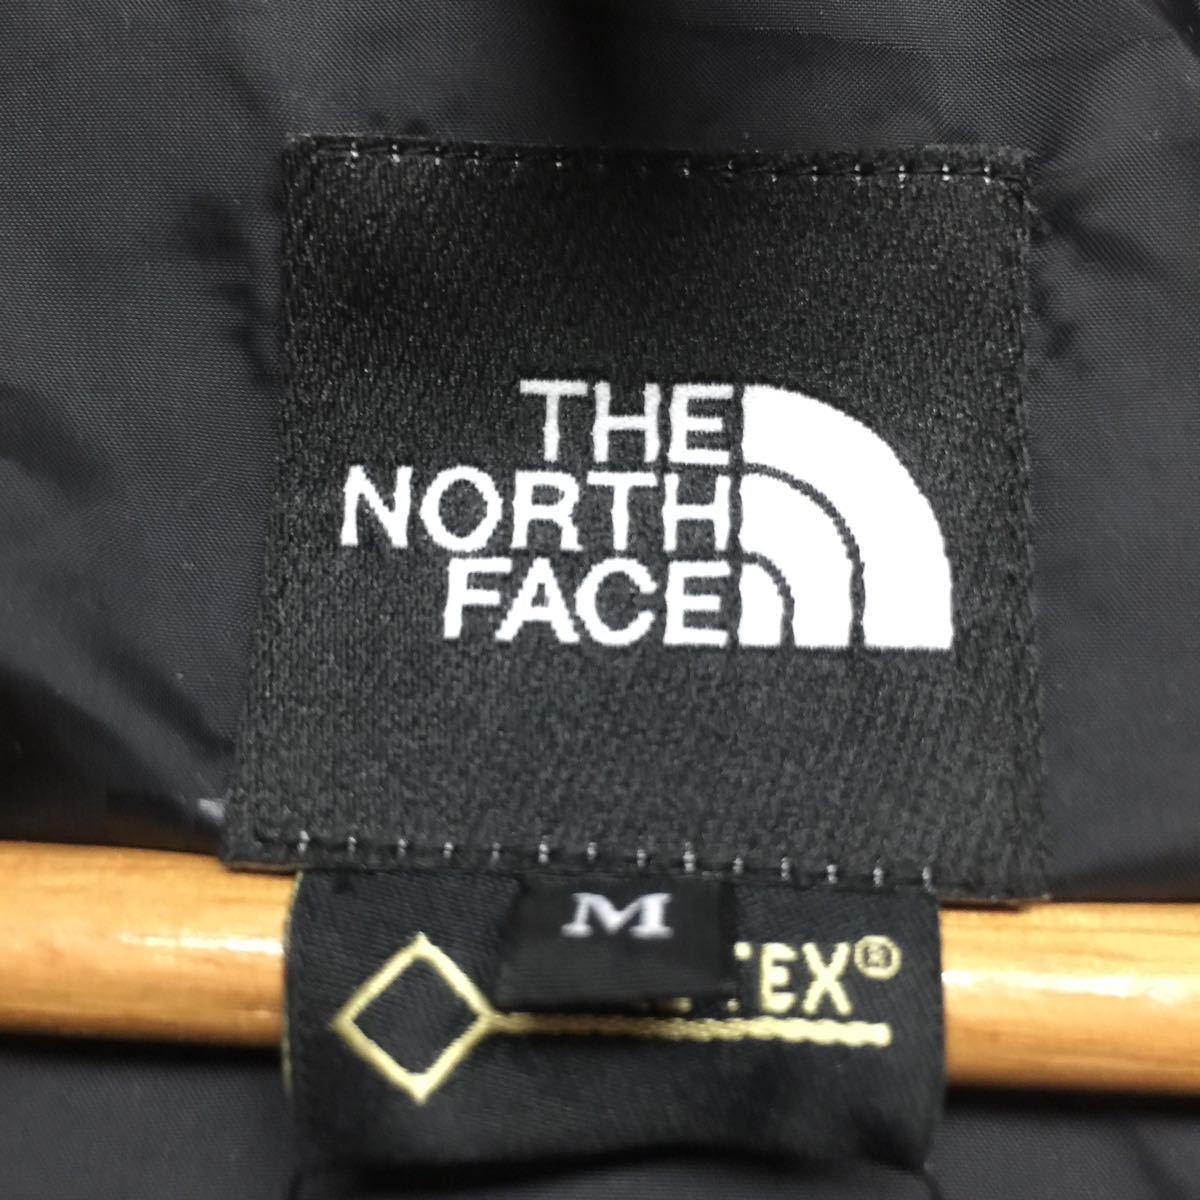 【THE NORTH FACE ザノースフェイス】NP11962 ゴアテックス ジャケット マウンテンパーカー アノラック ナイロンジャケット 青 M 1909oki_画像9